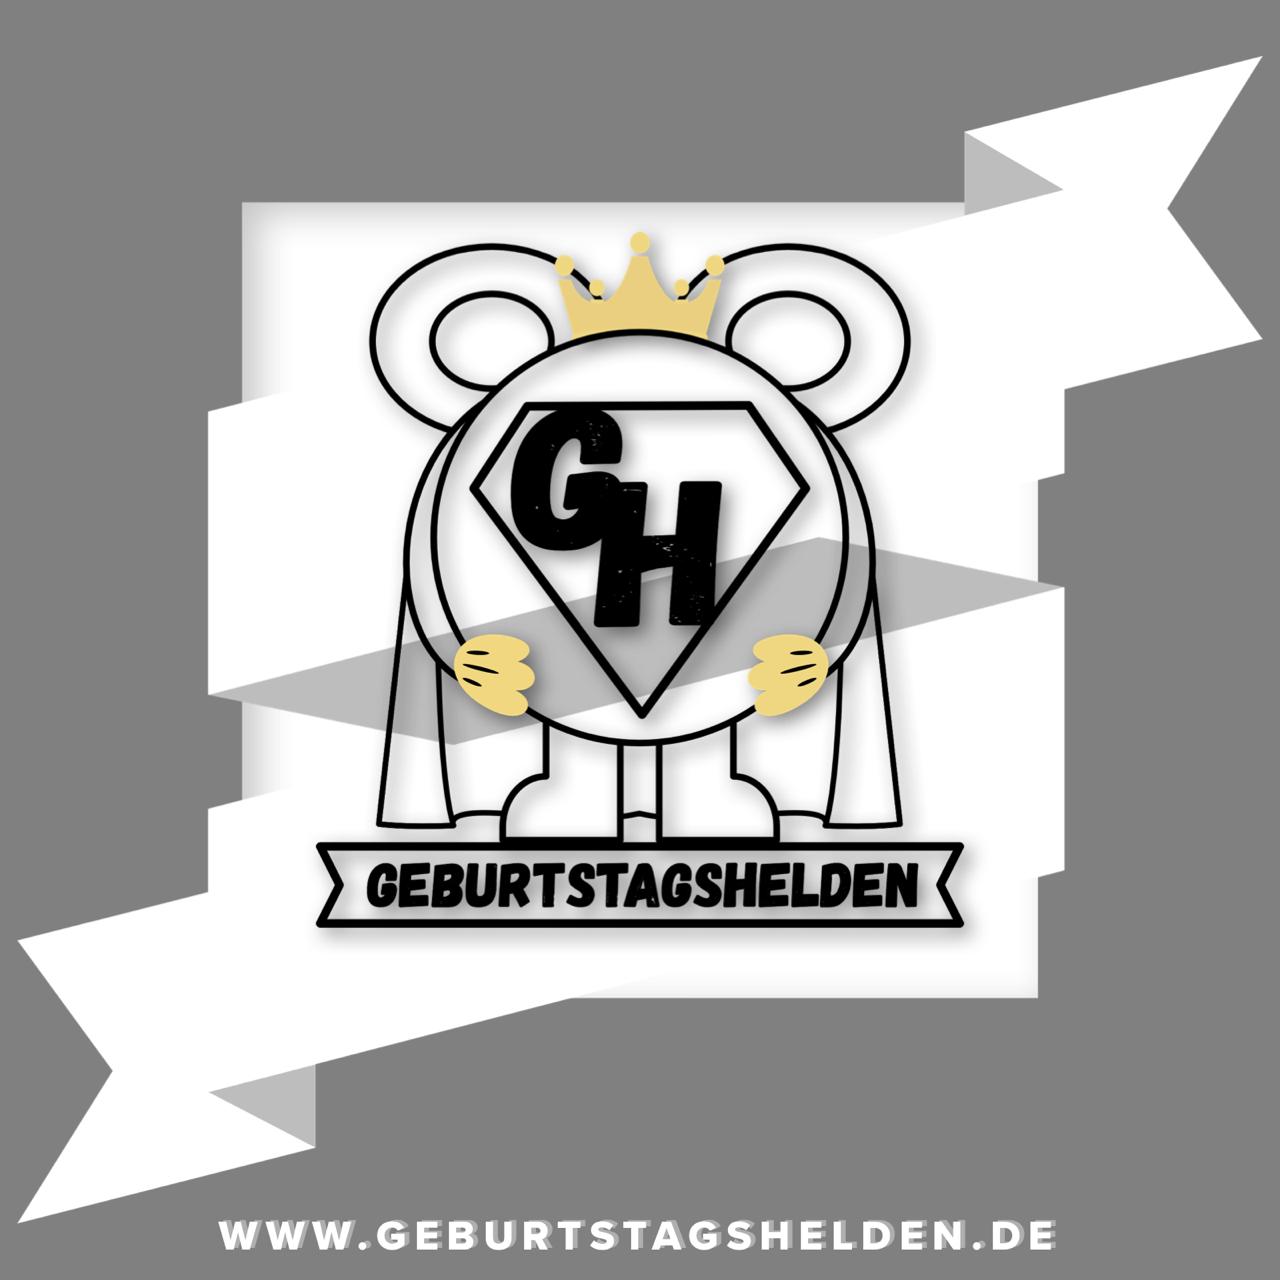 Geburtstagshelden Logo